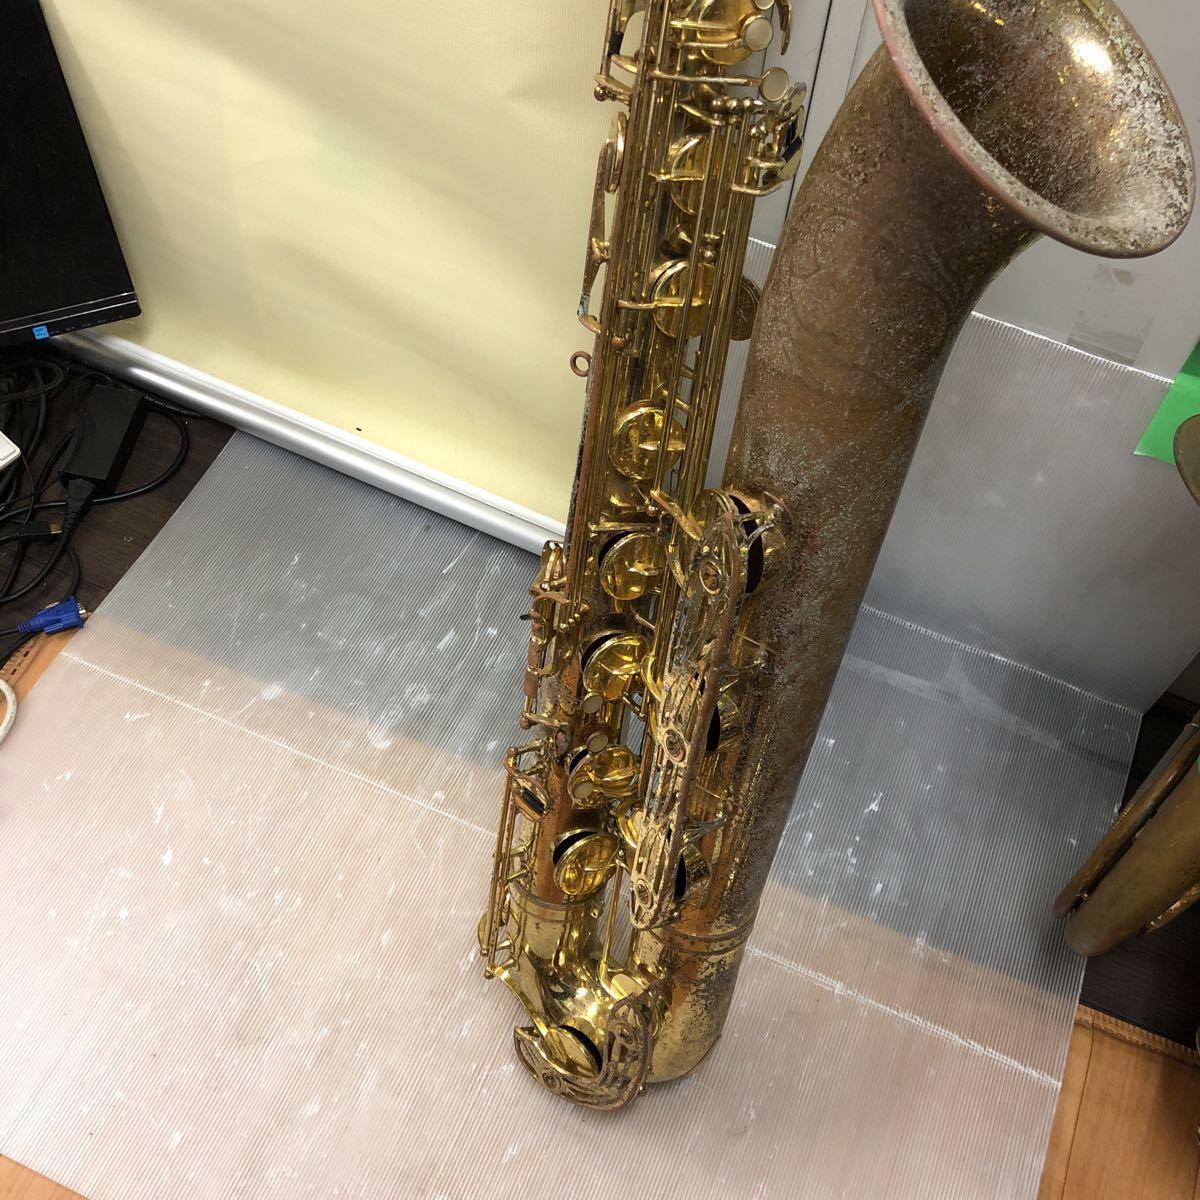 ★YAMAHA★ヤマハ バリトンサックス YBS-61 木管楽器 プロモデル 5388 ヴィンテージ 中古現状品 _画像1